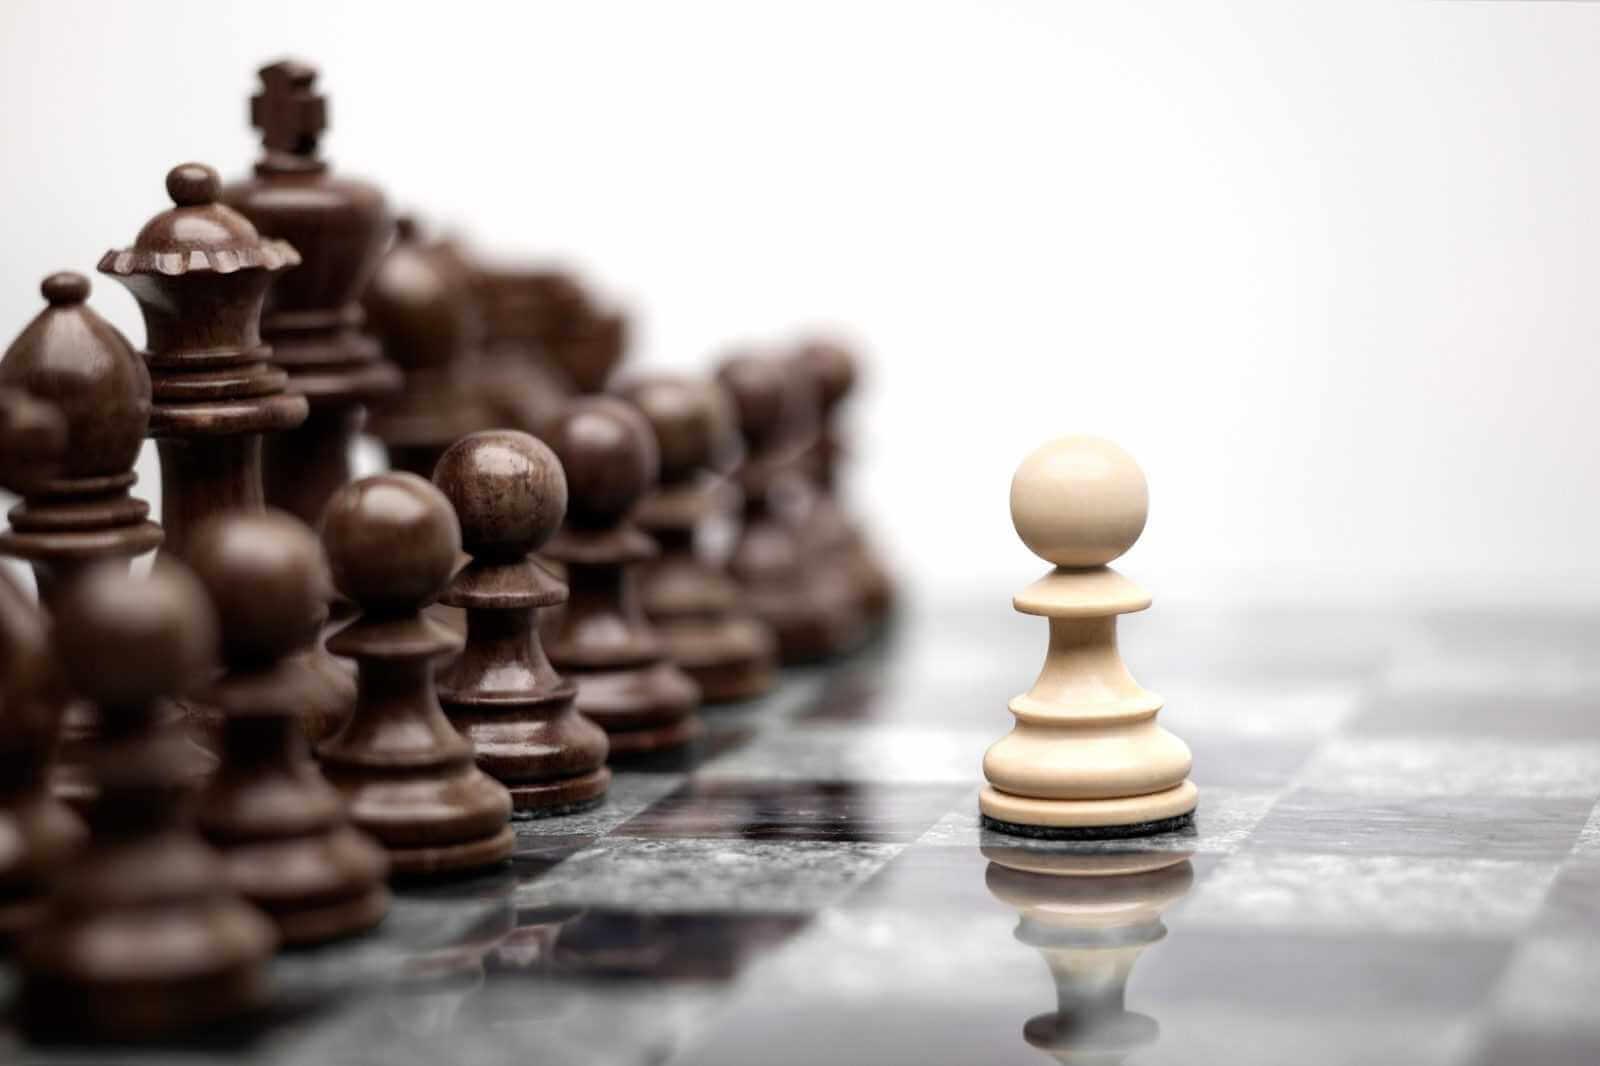 Как узнать ключевые слова конкурента